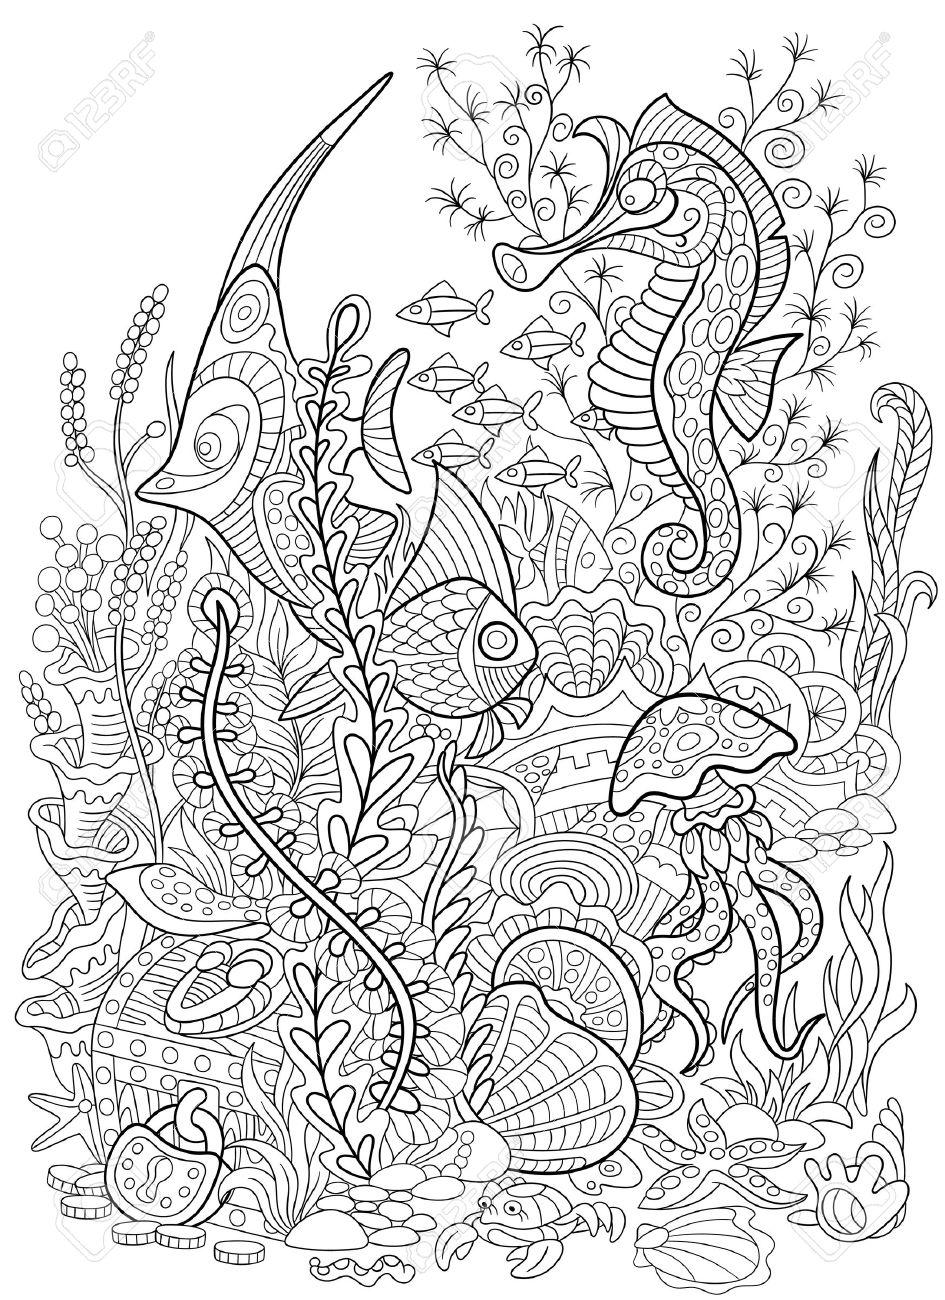 Stilisierten Cartoon-Fisch, Seepferdchen, Quallen, Krabben, Muscheln ...